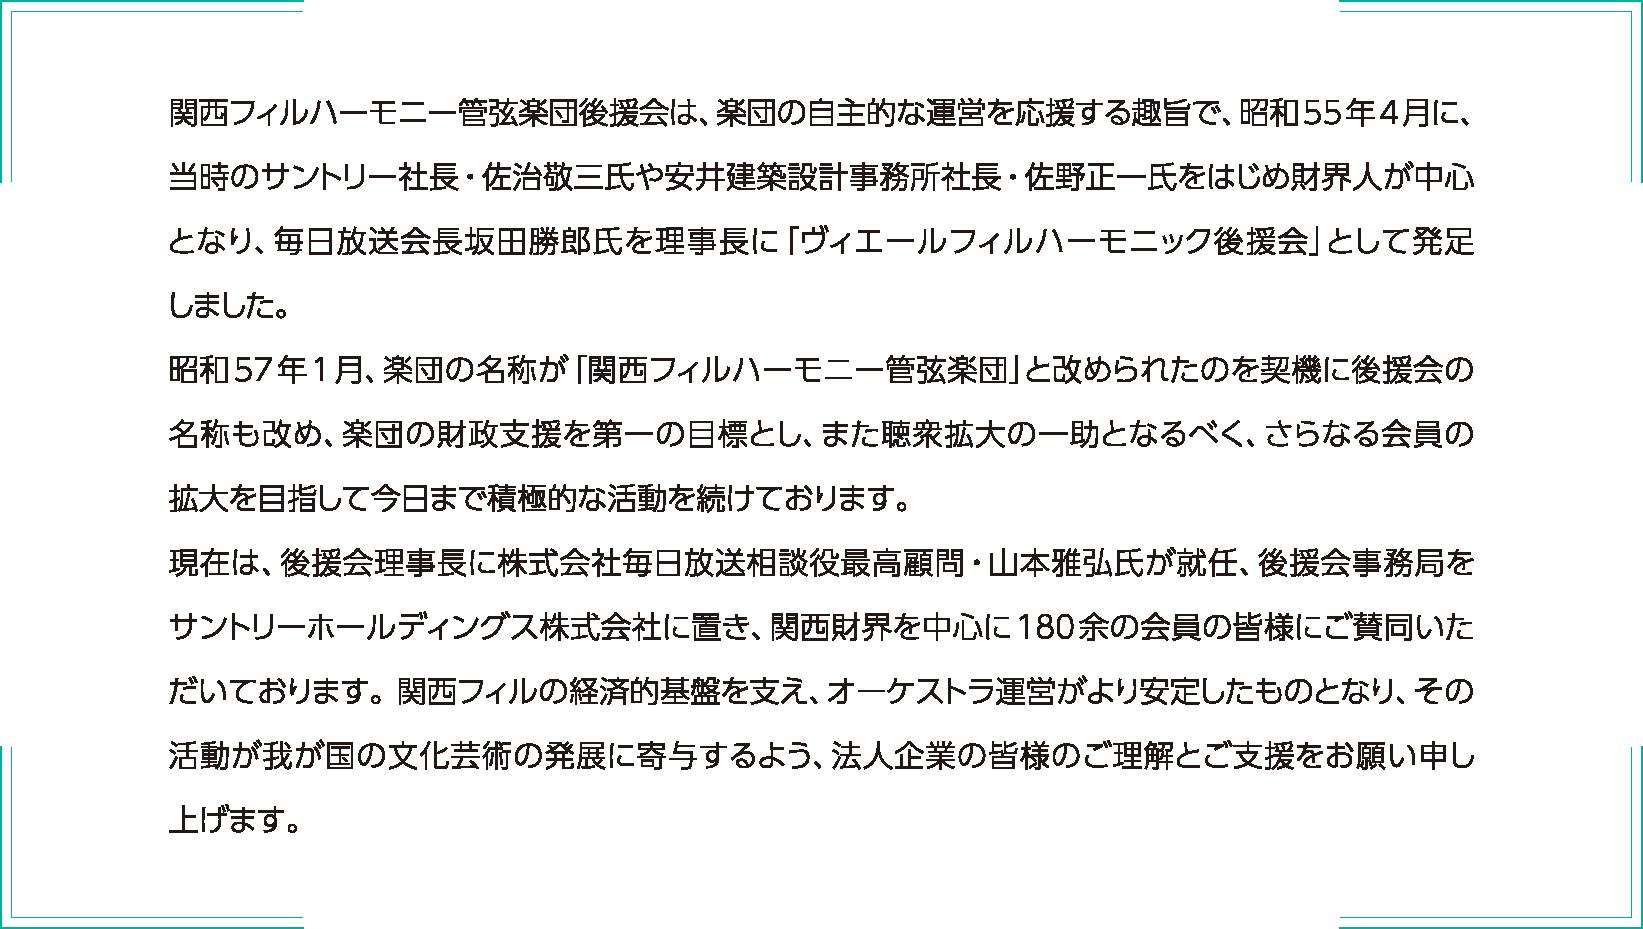 関西フィルハーモニー管弦楽団後援会は、楽団の自主的な運営を応援する趣旨で、昭和55年4月に、当時サントリー社長・佐治敬三氏や安井設計事務所社長・佐野正一氏をはじめ財界人が中心となり、毎日放送会長坂田勝郎氏を理事に「ヴィエールフィルハーモニック後援会」として発足しました。 昭和57年1月、楽団の名称が「関西フィルハーモニー管弦楽団」と改められたのを契機に後援会の名称も改め、楽団の財政支援を第一の目標とし、また聴衆拡大の一助となるべく、さらなる会員の拡大を目指して今日まで積極的な活動を続けております。 現在は、後援会理事長に株式会社毎日放送相談役最高顧問・山本雅弘氏が就任、後援会事務局をサントリーホールディングス株式会社に置き、関西財界を中心に180余の会員の皆様にご賛同いただいております。関西フィルの経済的基盤を支え、オーケストラの運営がより安定したものとなり、その活動が我が国の文化芸術の発展に寄与するよう、法人企業の皆様のご理解とご支援をお願い申し上げます。